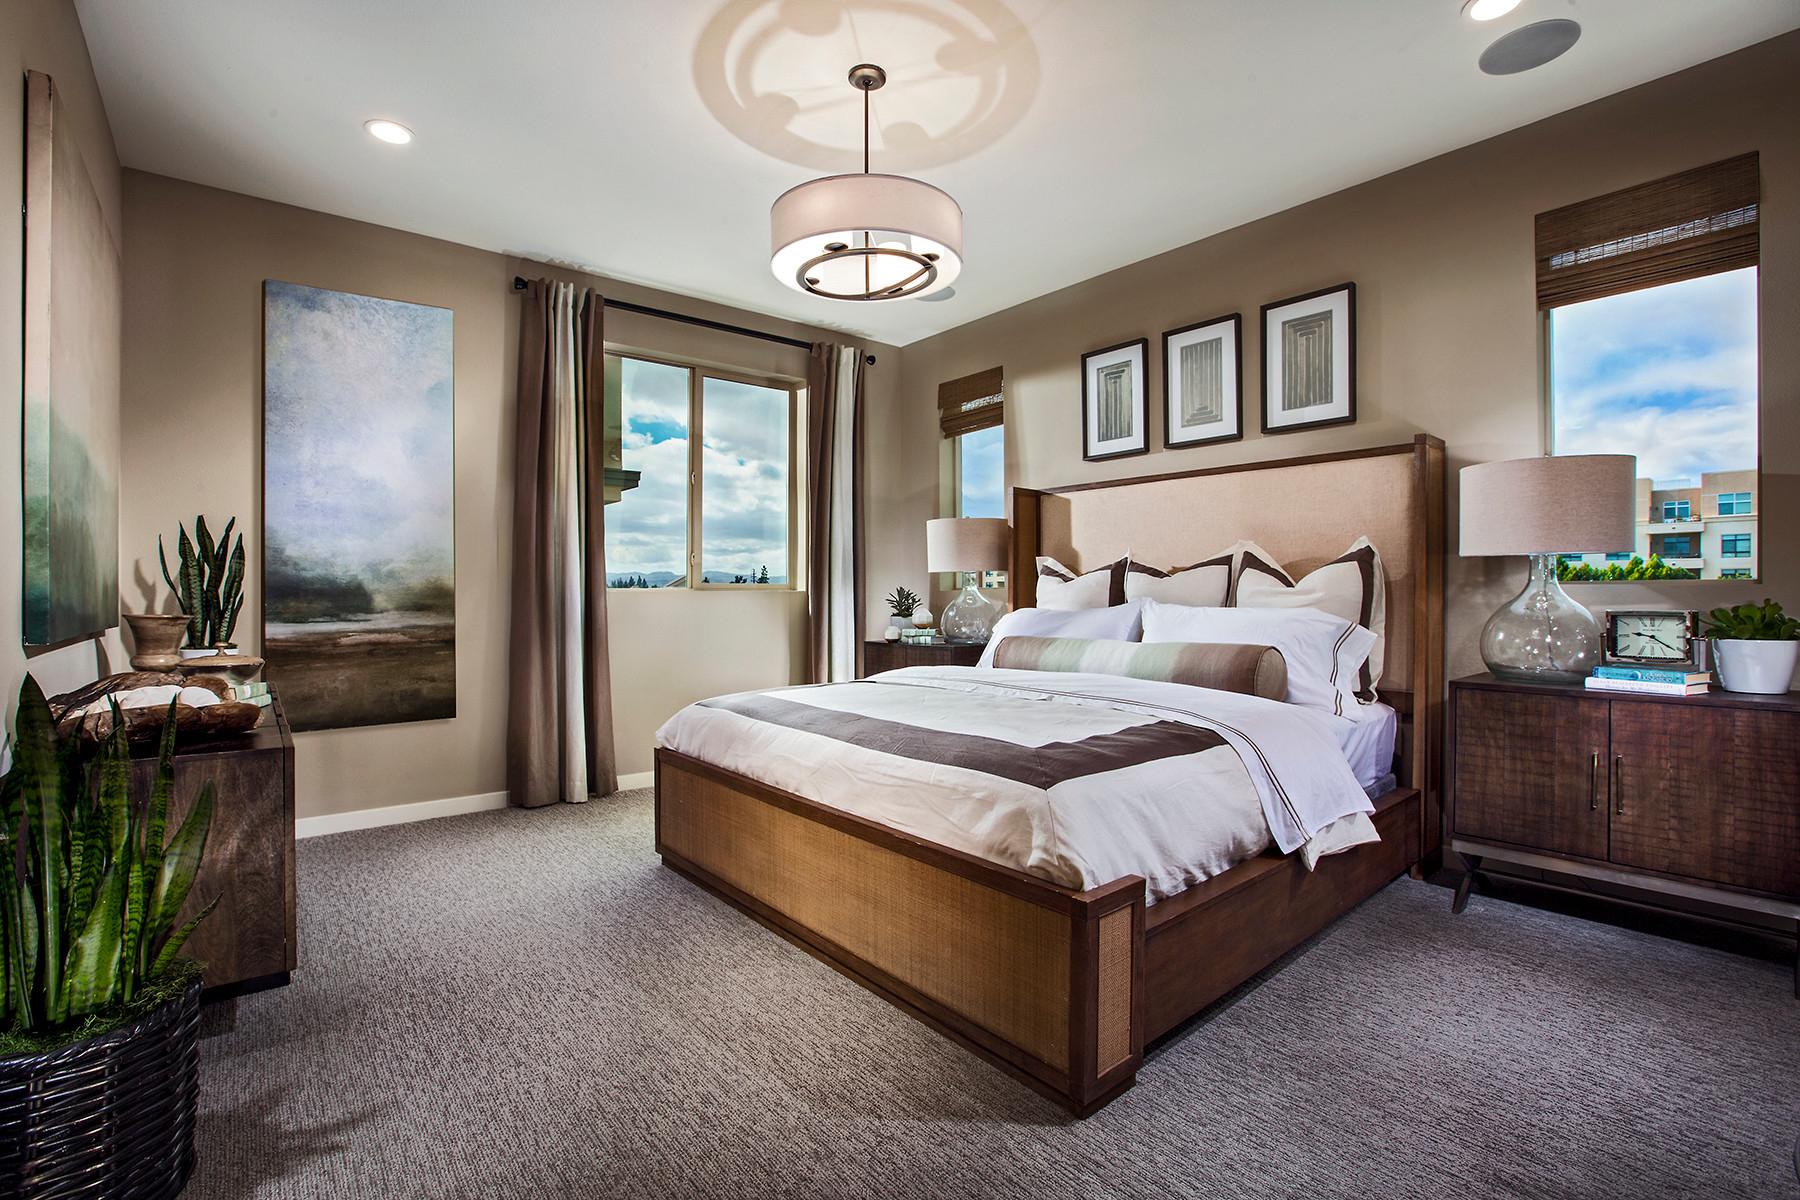 Plan 10 Master Bedroom